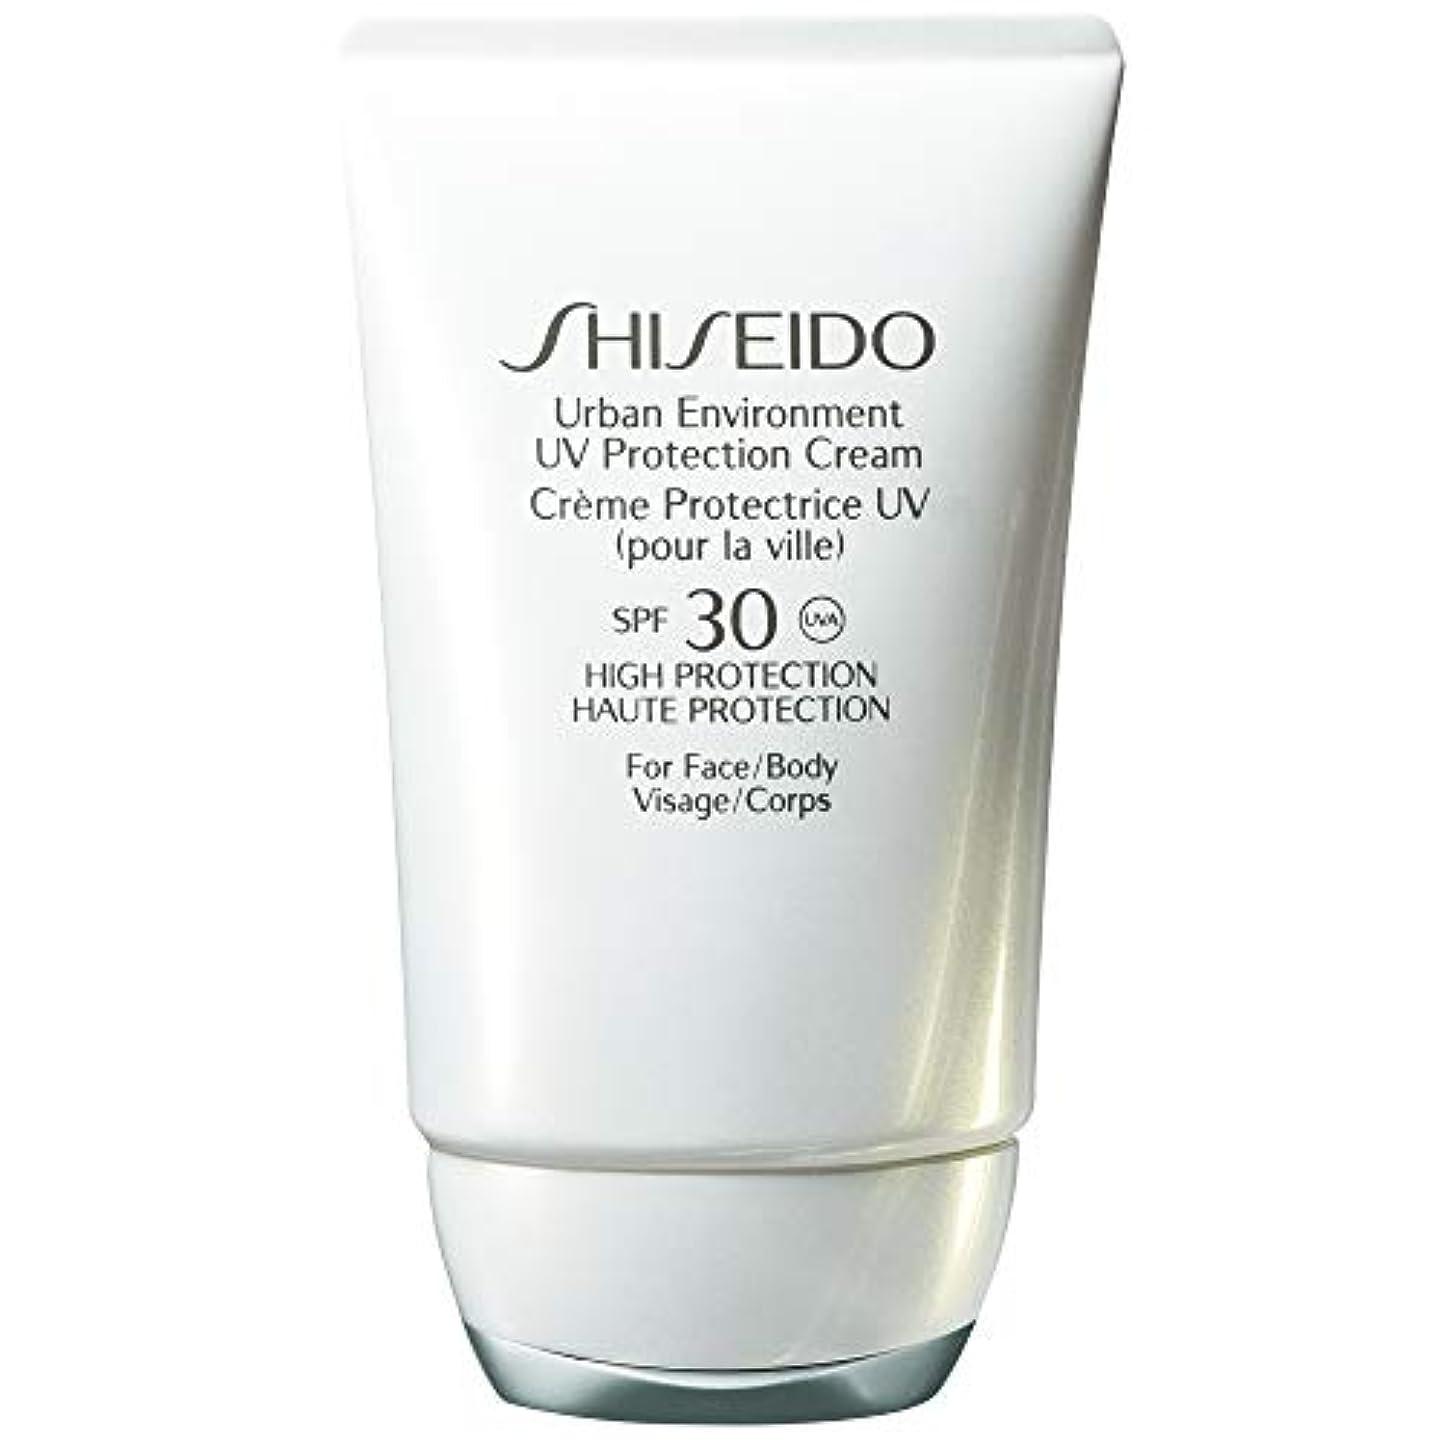 野菜収縮出発[Shiseido] 資生堂都市環境UvプロテクションクリームSpf 30 50ミリリットル - Shiseido Urban Environment Uv Protection Cream Spf 30 50ml [並行輸入品]